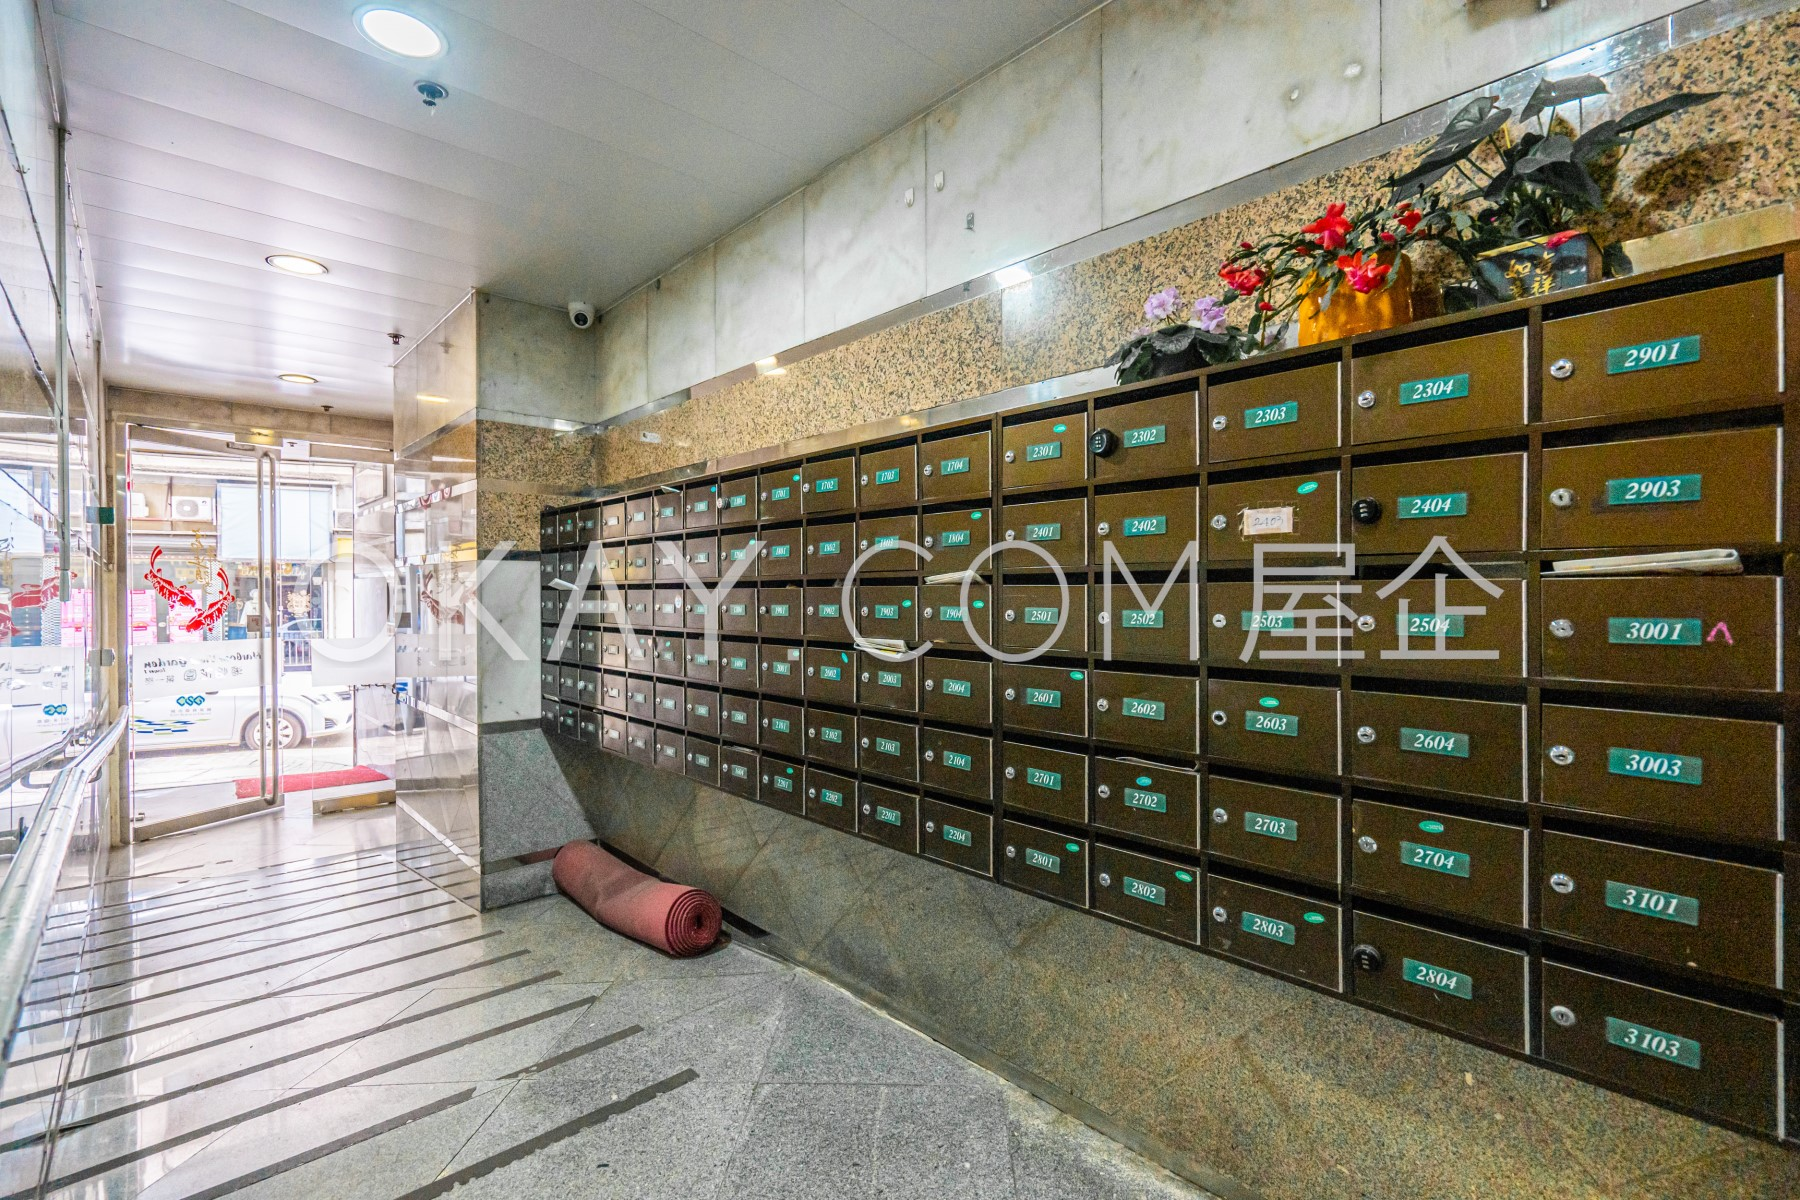 Lobby of Block 1